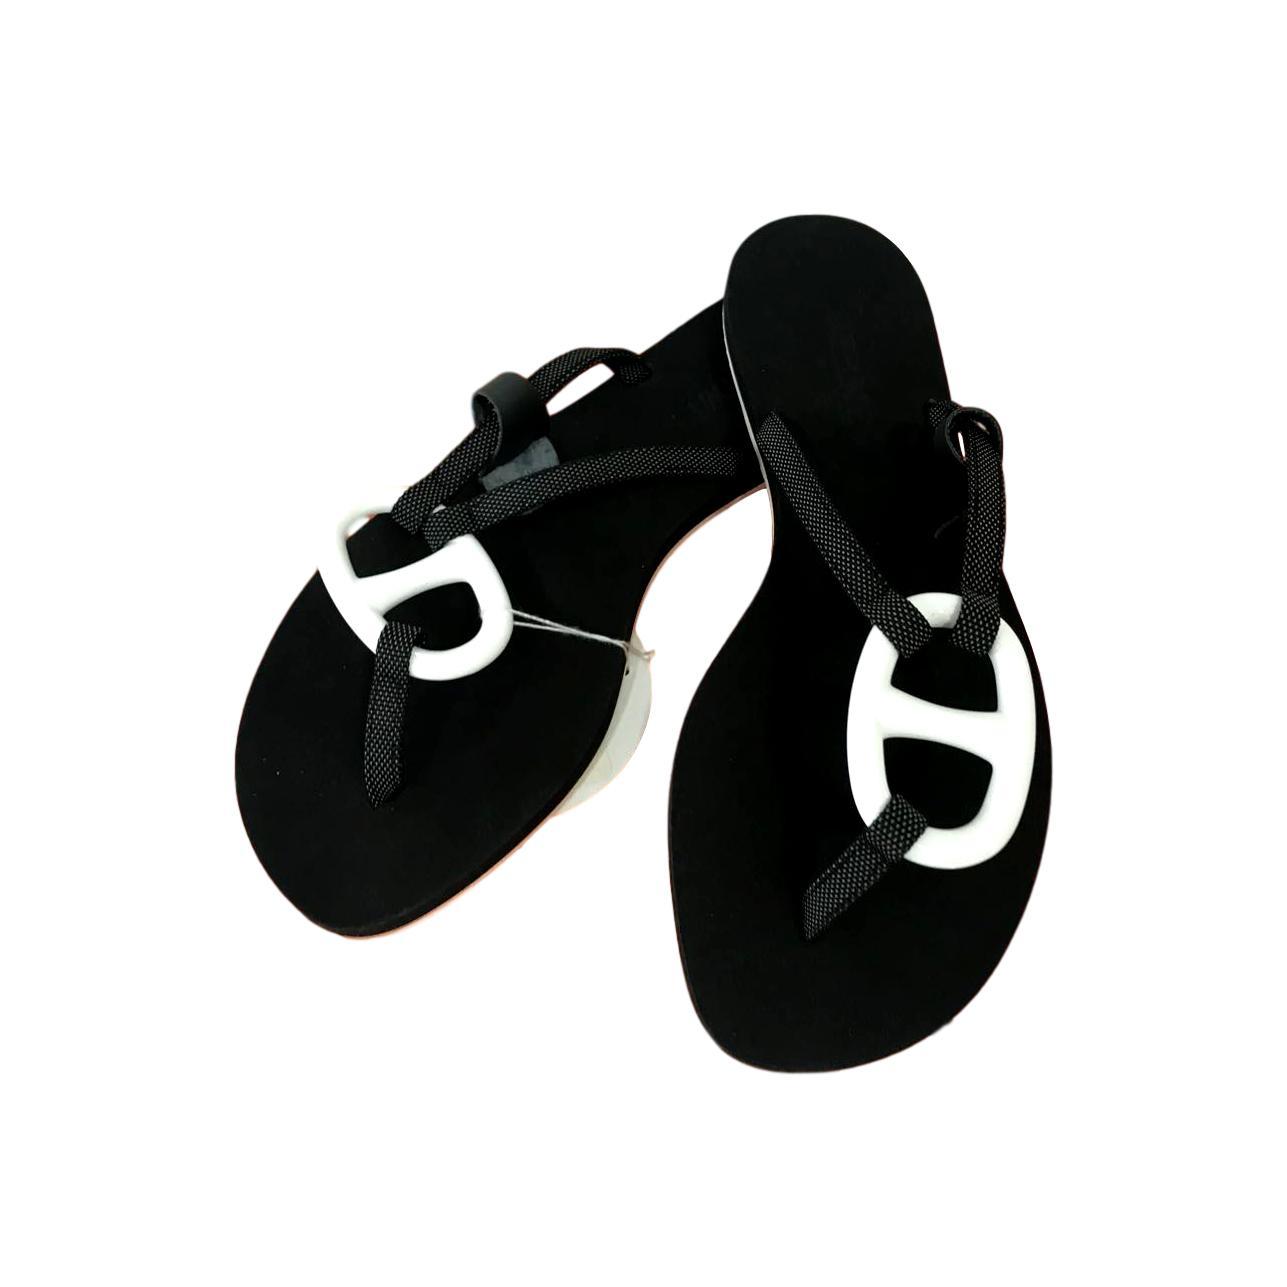 28387fb3699e Купить шлепанцы Hermes за 14450 руб. в интернет магазине - бутике с ...